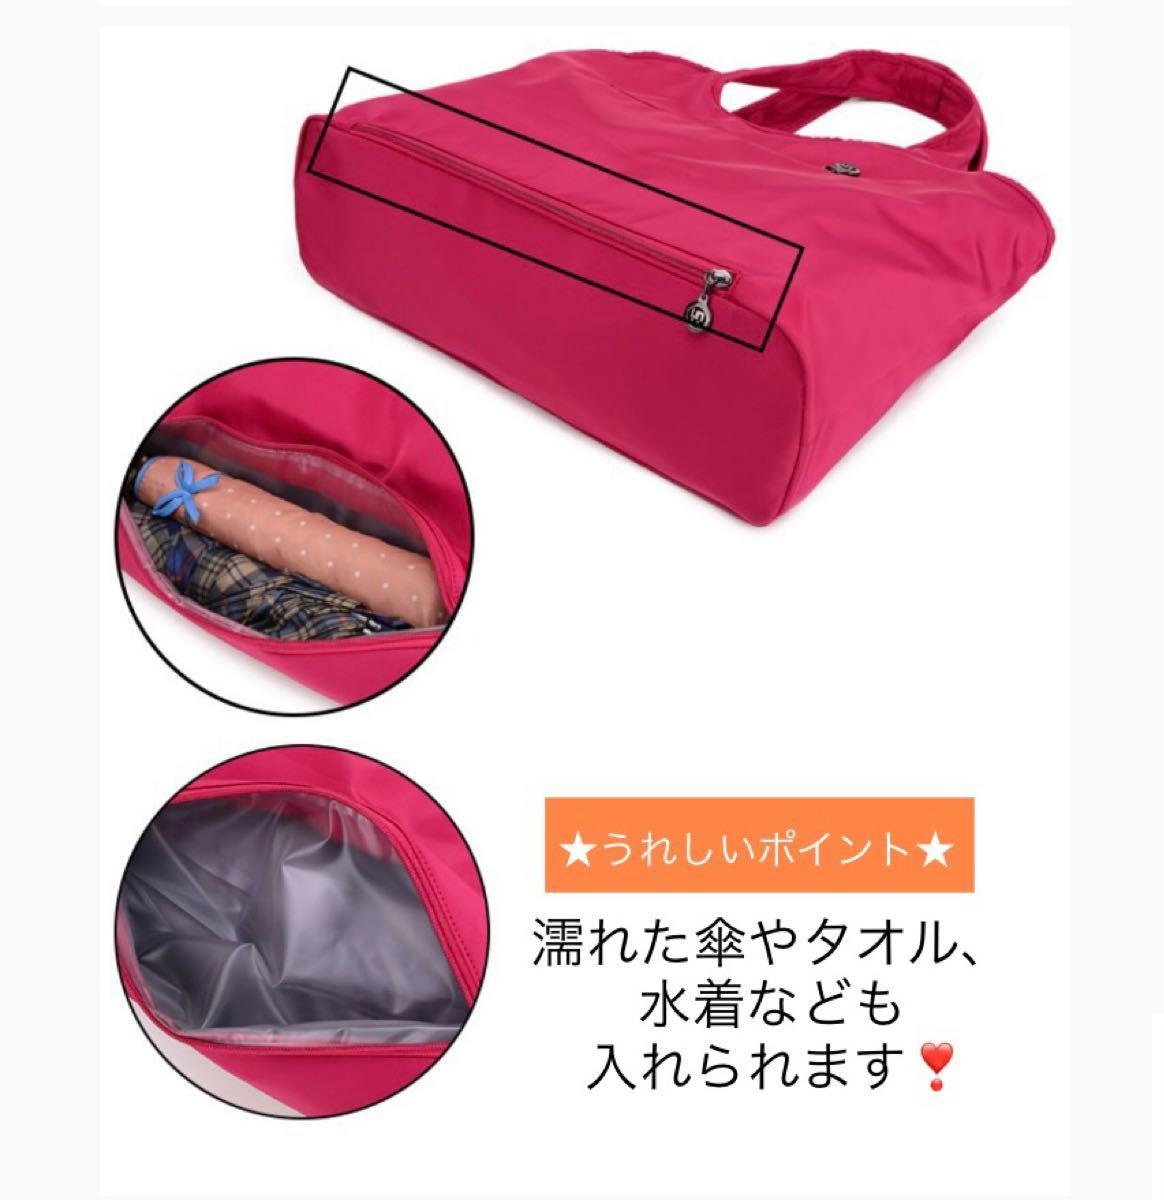 【大容量 多機能】ナイロントートバッグ マザーズバッグ 肩掛けバッグ ショッピングバッグ 買い物袋 エコバッグ